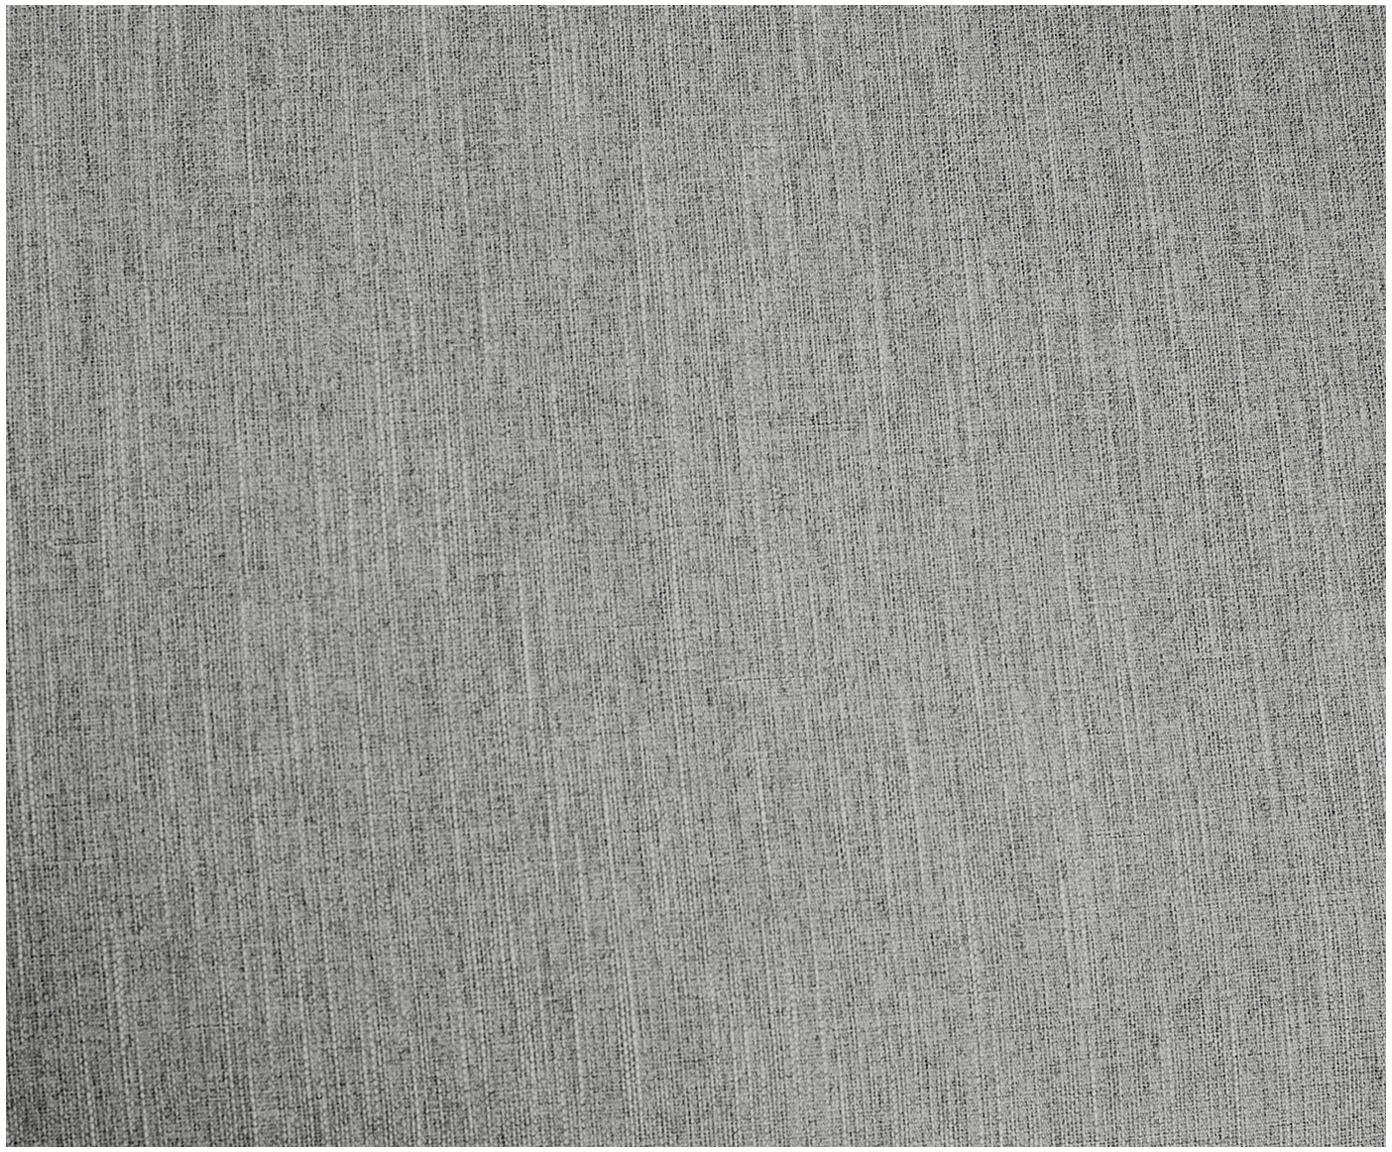 Sofa narożna Melva (3-osobowa), Tapicerka: poliester 35000 cykli w , Stelaż: lite drewno sosnowe, płyt, Nogi: drewno sosnowe, Szary, S 240 x G 144 cm